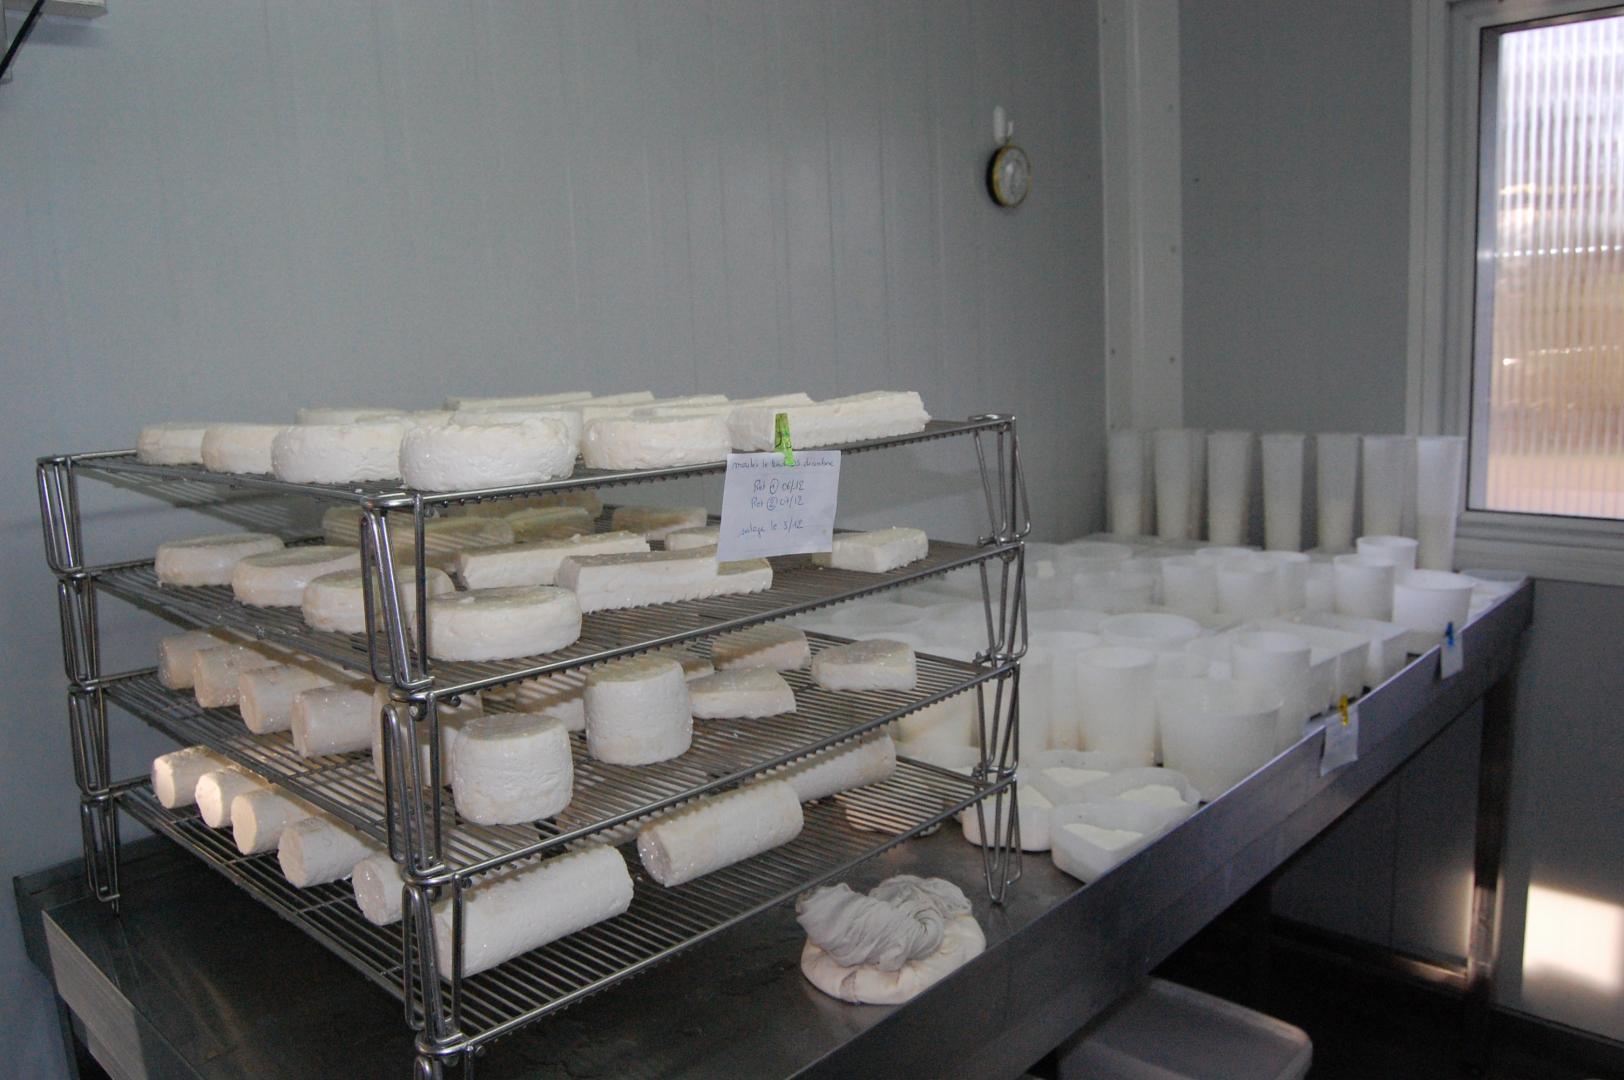 Vente de fromage de chèvre à Parthenay 79